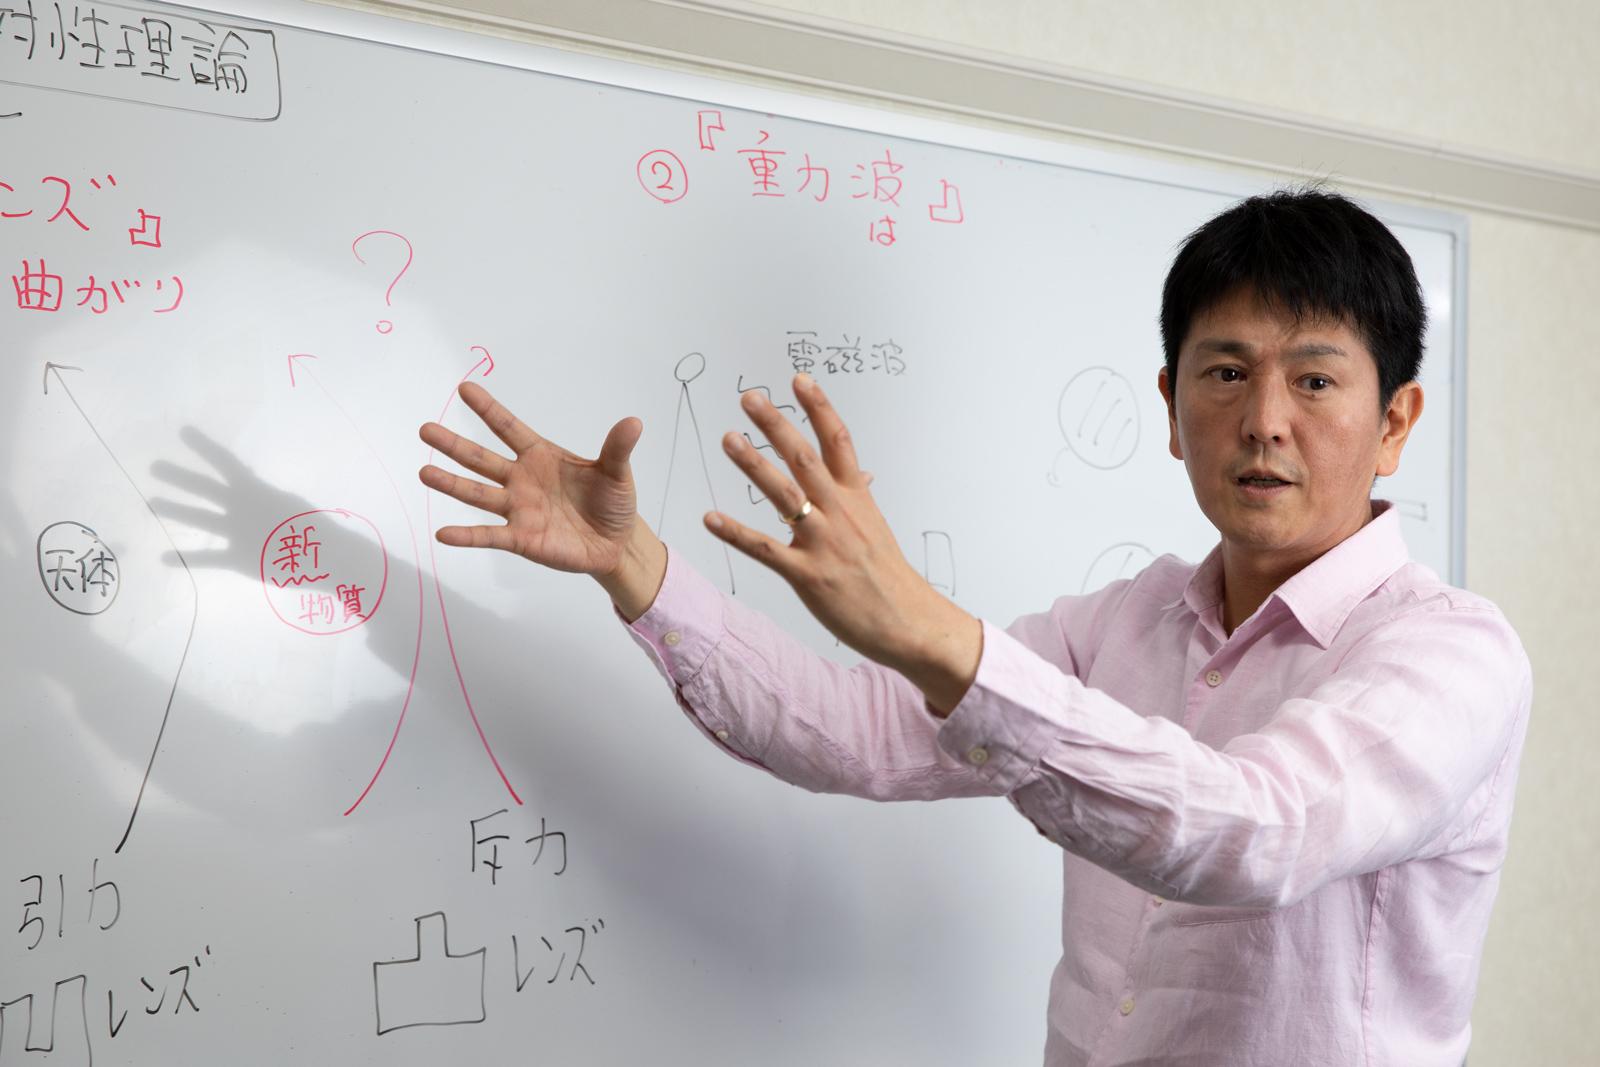 北東北では弘前大学にしかない研究分野 一般相対性理論を武器にした「理論宇宙物理学」